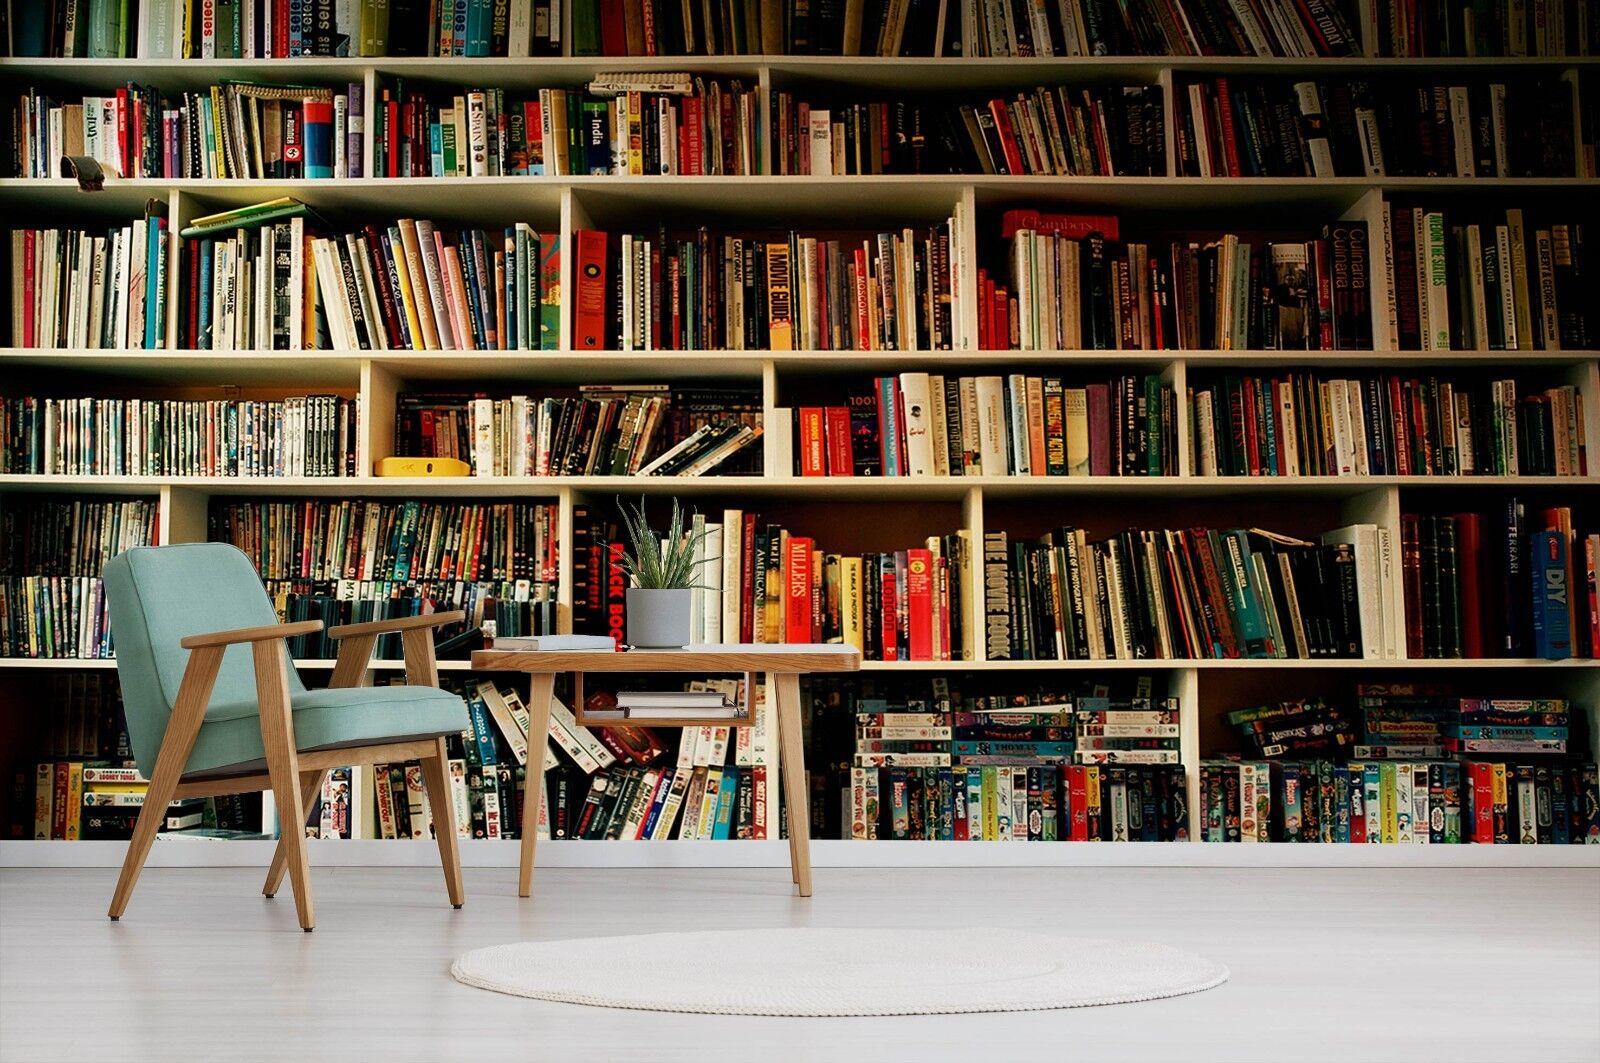 3d 3d 3d Bookshelf Corner 54 Wallpaper Murals Wall Print